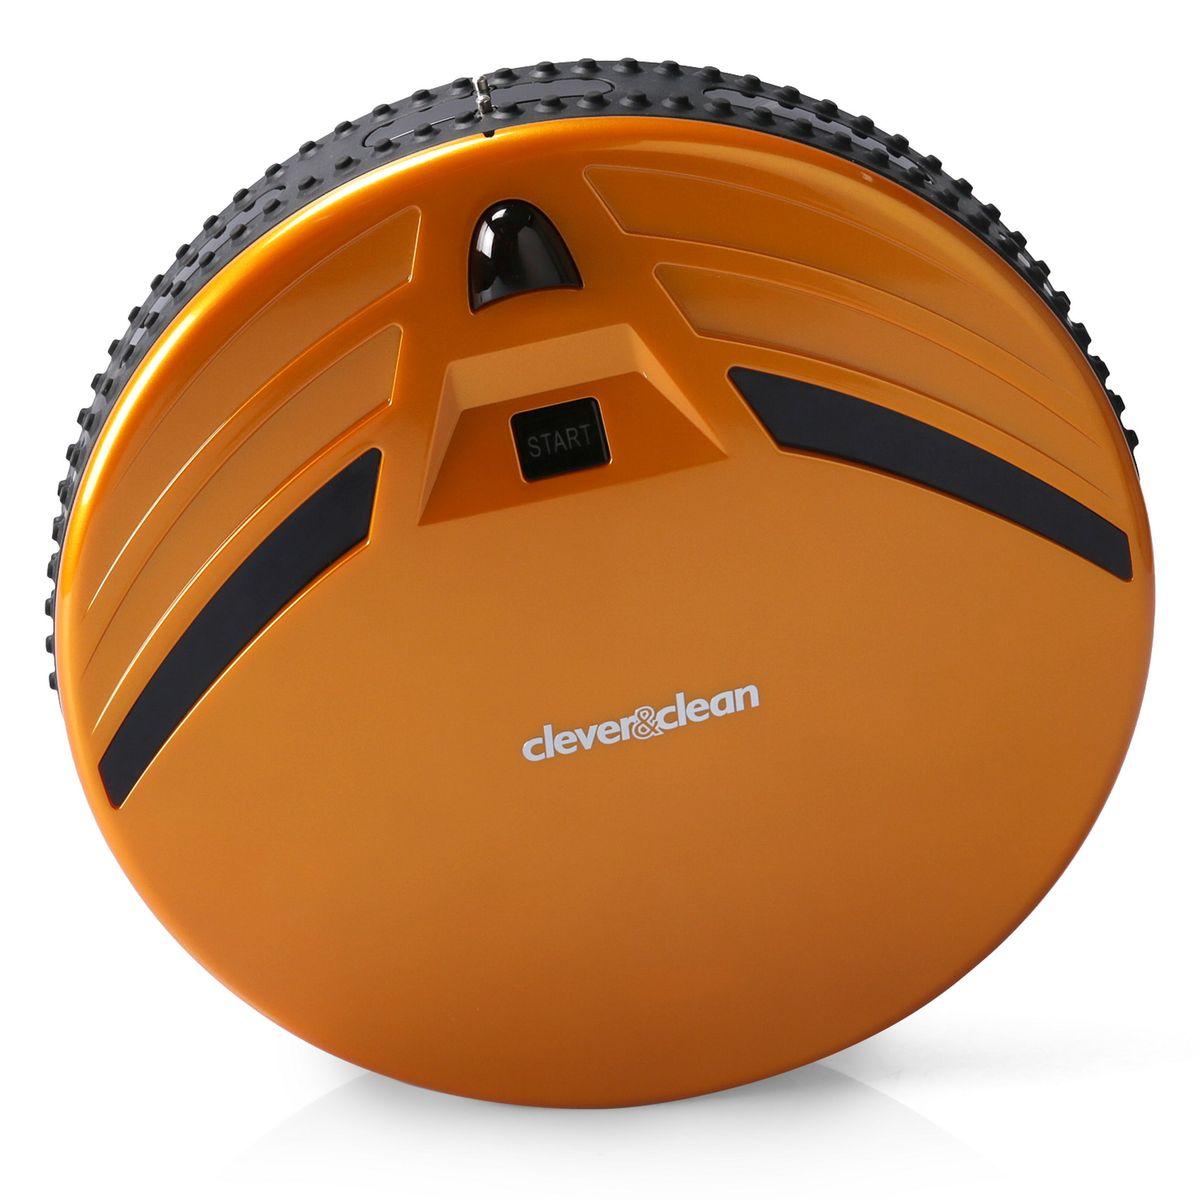 Clever&Clean Z-Series Z10A, Yellow робот-пылесосZ10AРобот-пылесос С&С Z10A, предназначен для сухой уборки напольных покрытий: плитки, ламината, паркета, ковров с коротким ворсом, а также влажной протирки твердых поверхностей.Передняя часть робота оснащена сенсорами предотвращающими столкновение с мебелью и другими предметами интерьера, а также 80-ю датчиками распознающими соприкосновение - это позволяет снизить уровень шума во время уборки помещения и минимизировать физический контакт робота с мебелью.Удобный пульт управления работает на радио частотах, что позволяет управлять роботом-пылесосом практически из любой части квартиры (сигнал проходит сквозь стены). Также пульт оснащен информативным ЖК дисплеем и предоставляет возможность производить ручное управление роботом-пылесосом для вывода его в любое место в квартире.